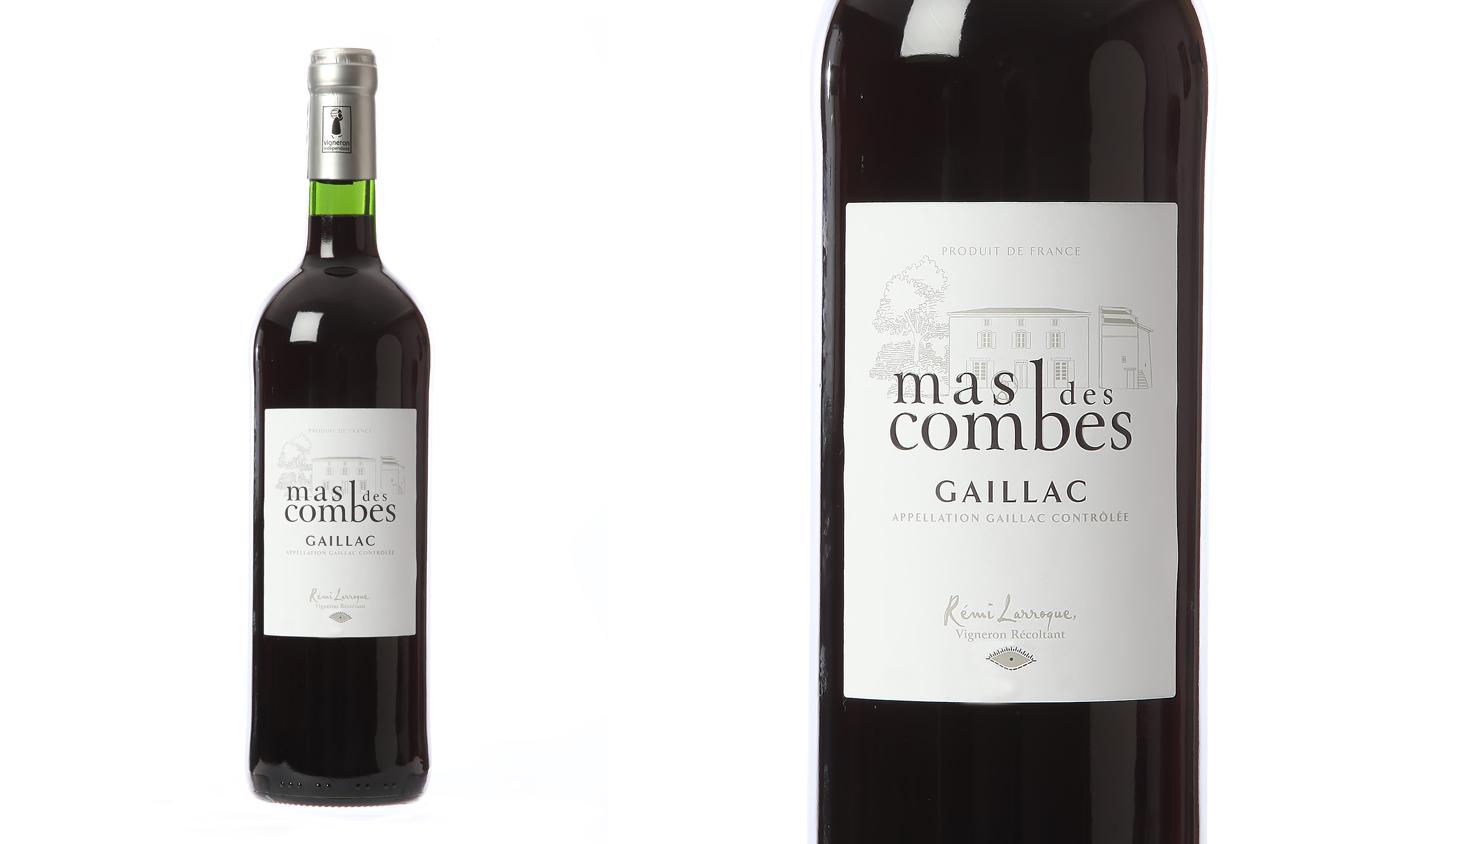 mas_des_combes_rg_trad_vins_de_gaillac